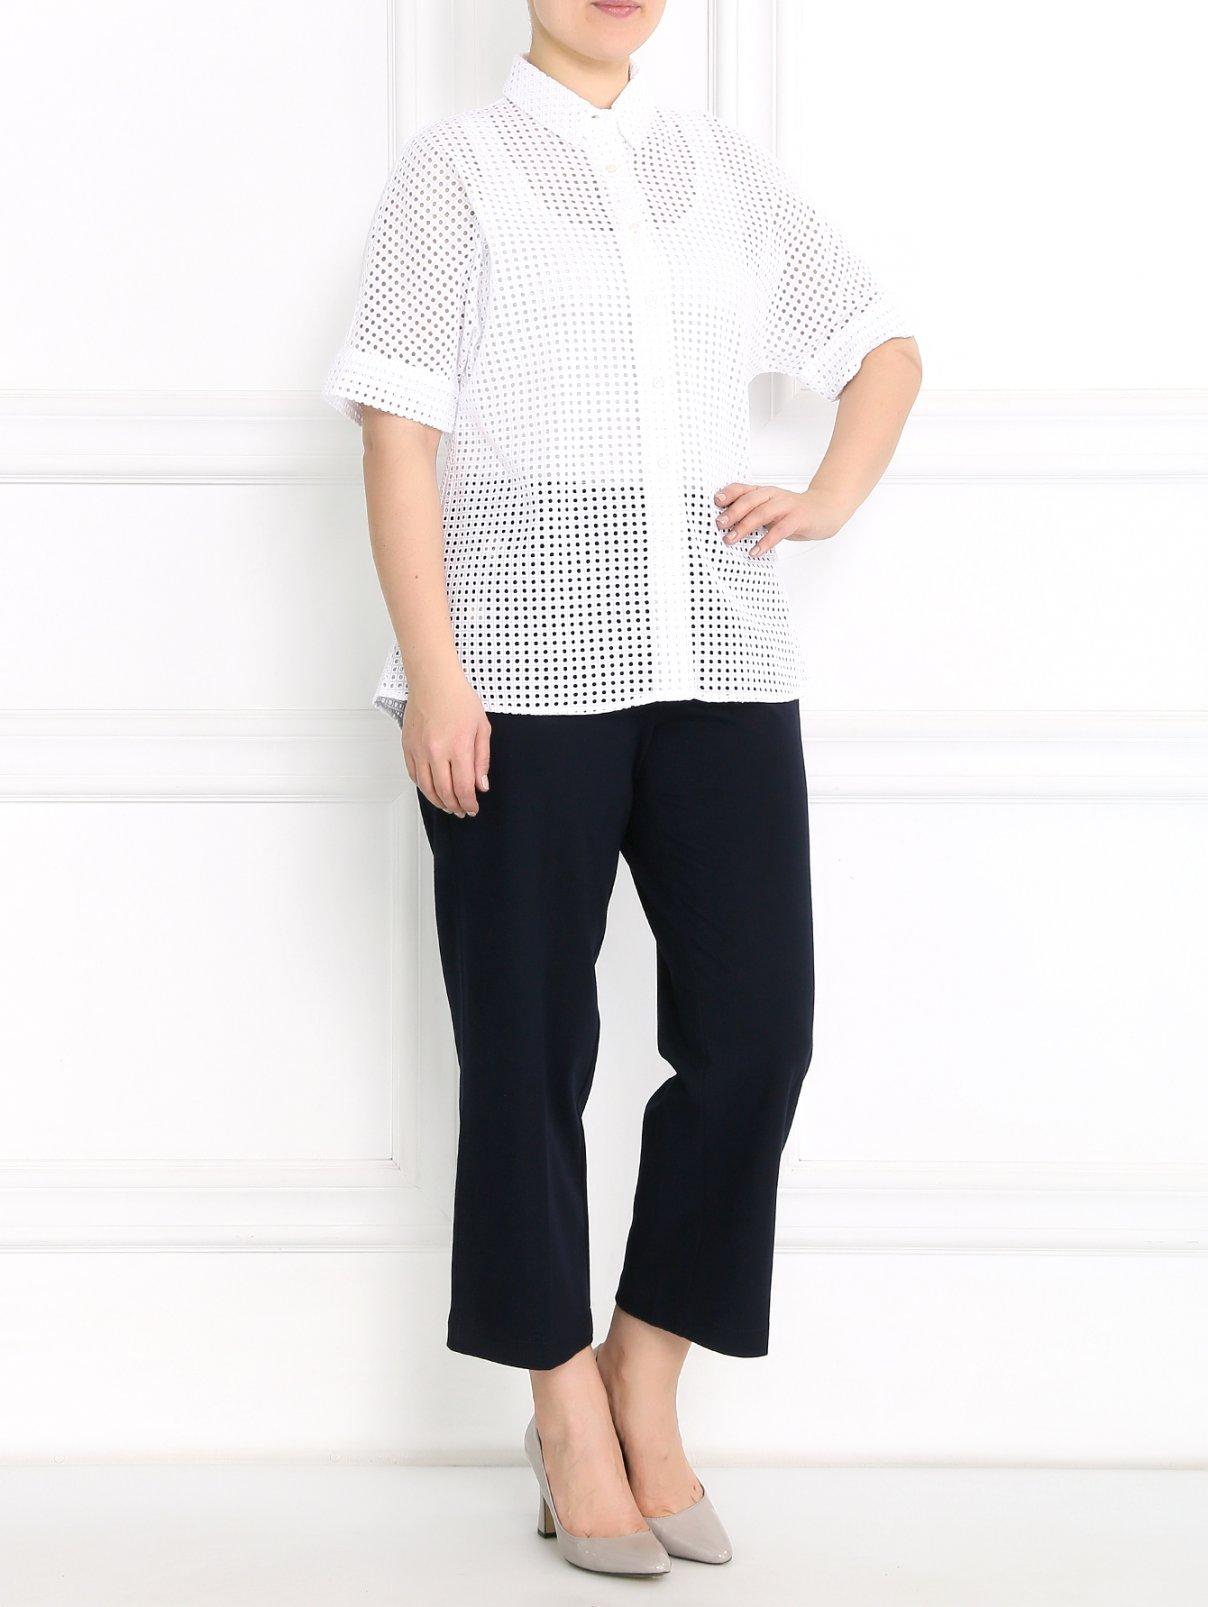 Широкие трикотажные брюки с металлическим декором Marina Sport  –  Модель Общий вид